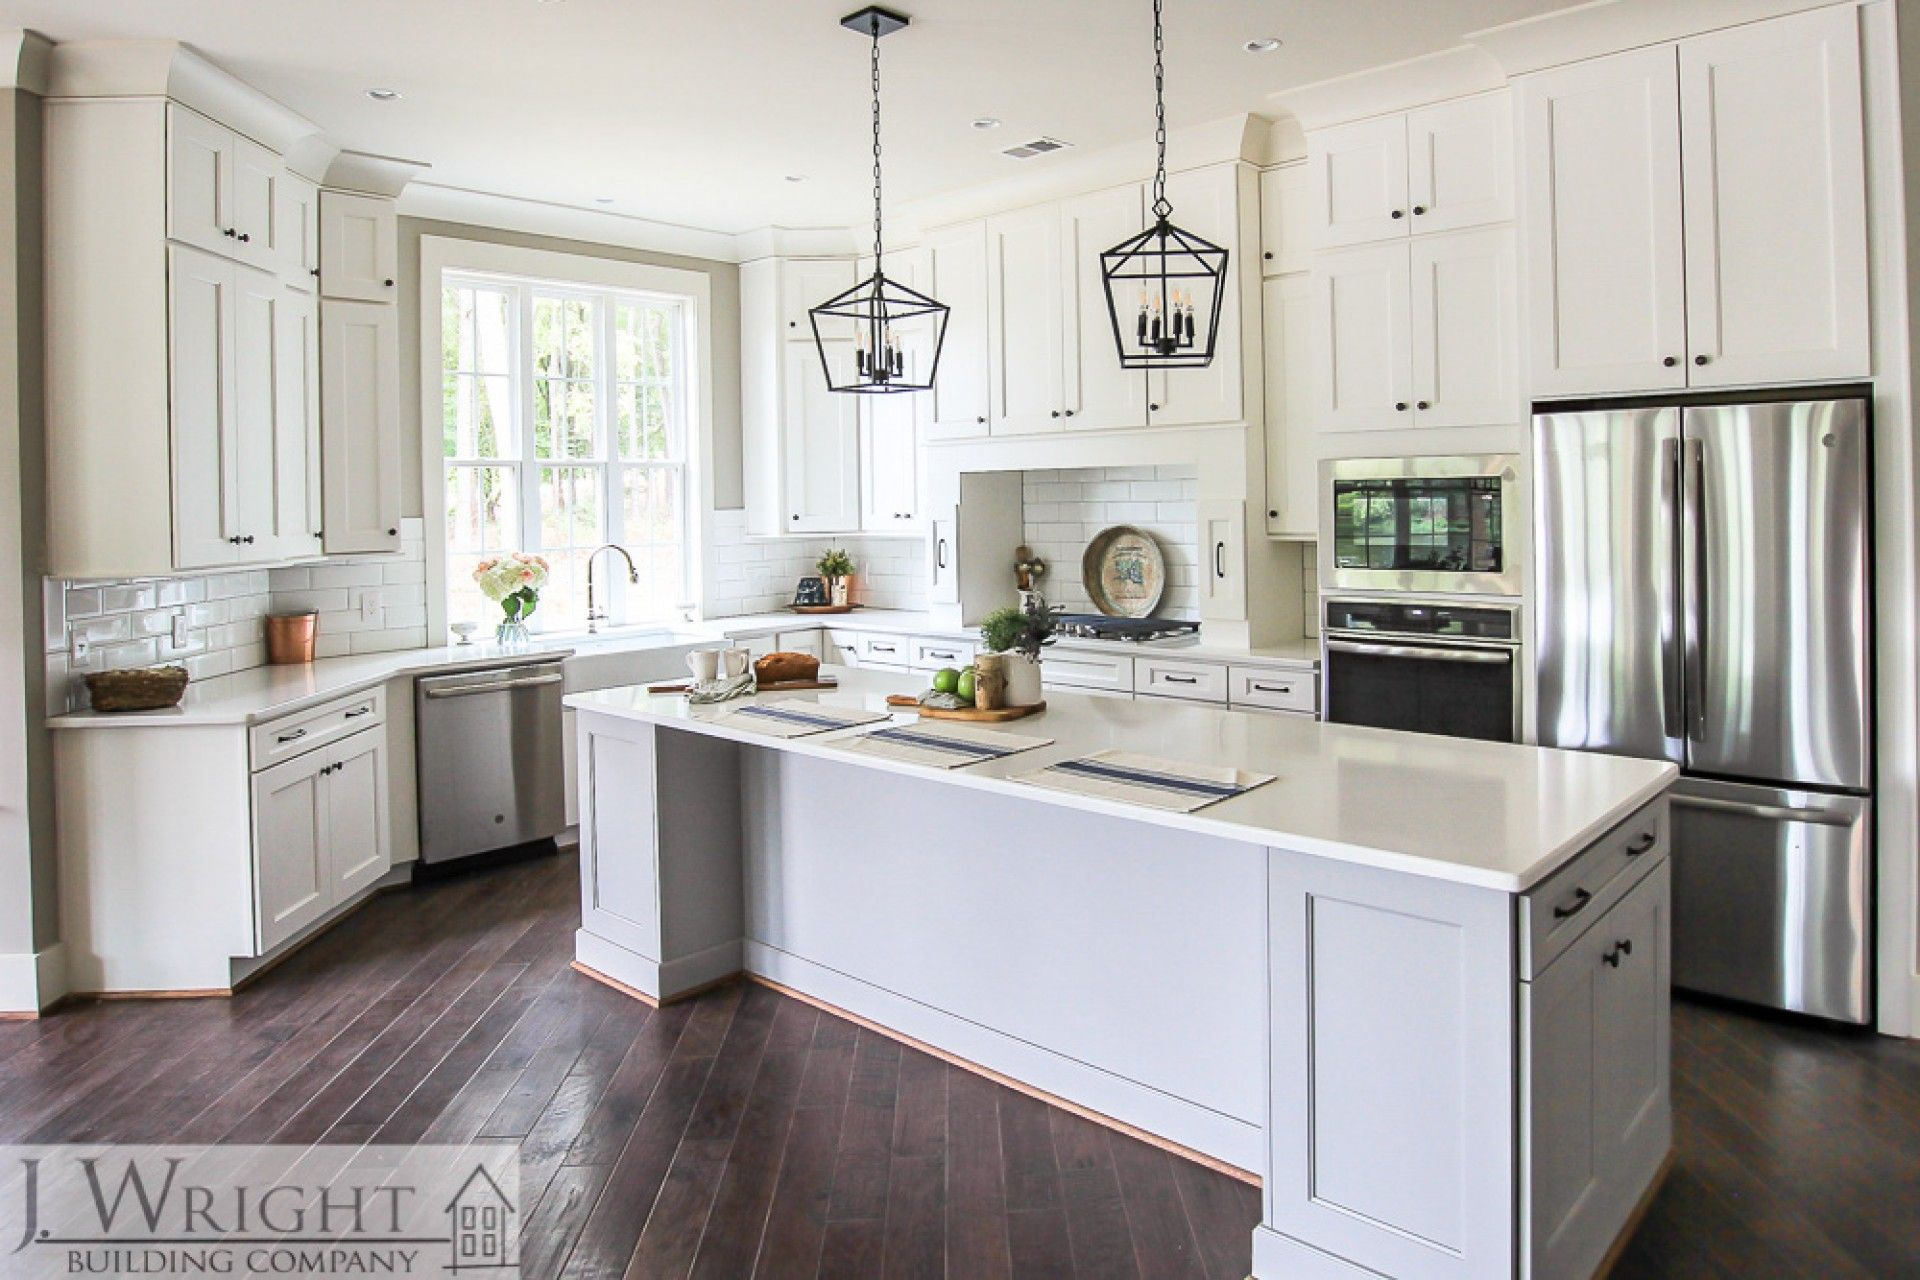 Pin By Sue Brammer On Lake House Decor Kitchen Island Storage Kitchen Remodel Small Kitchen Interior Diy